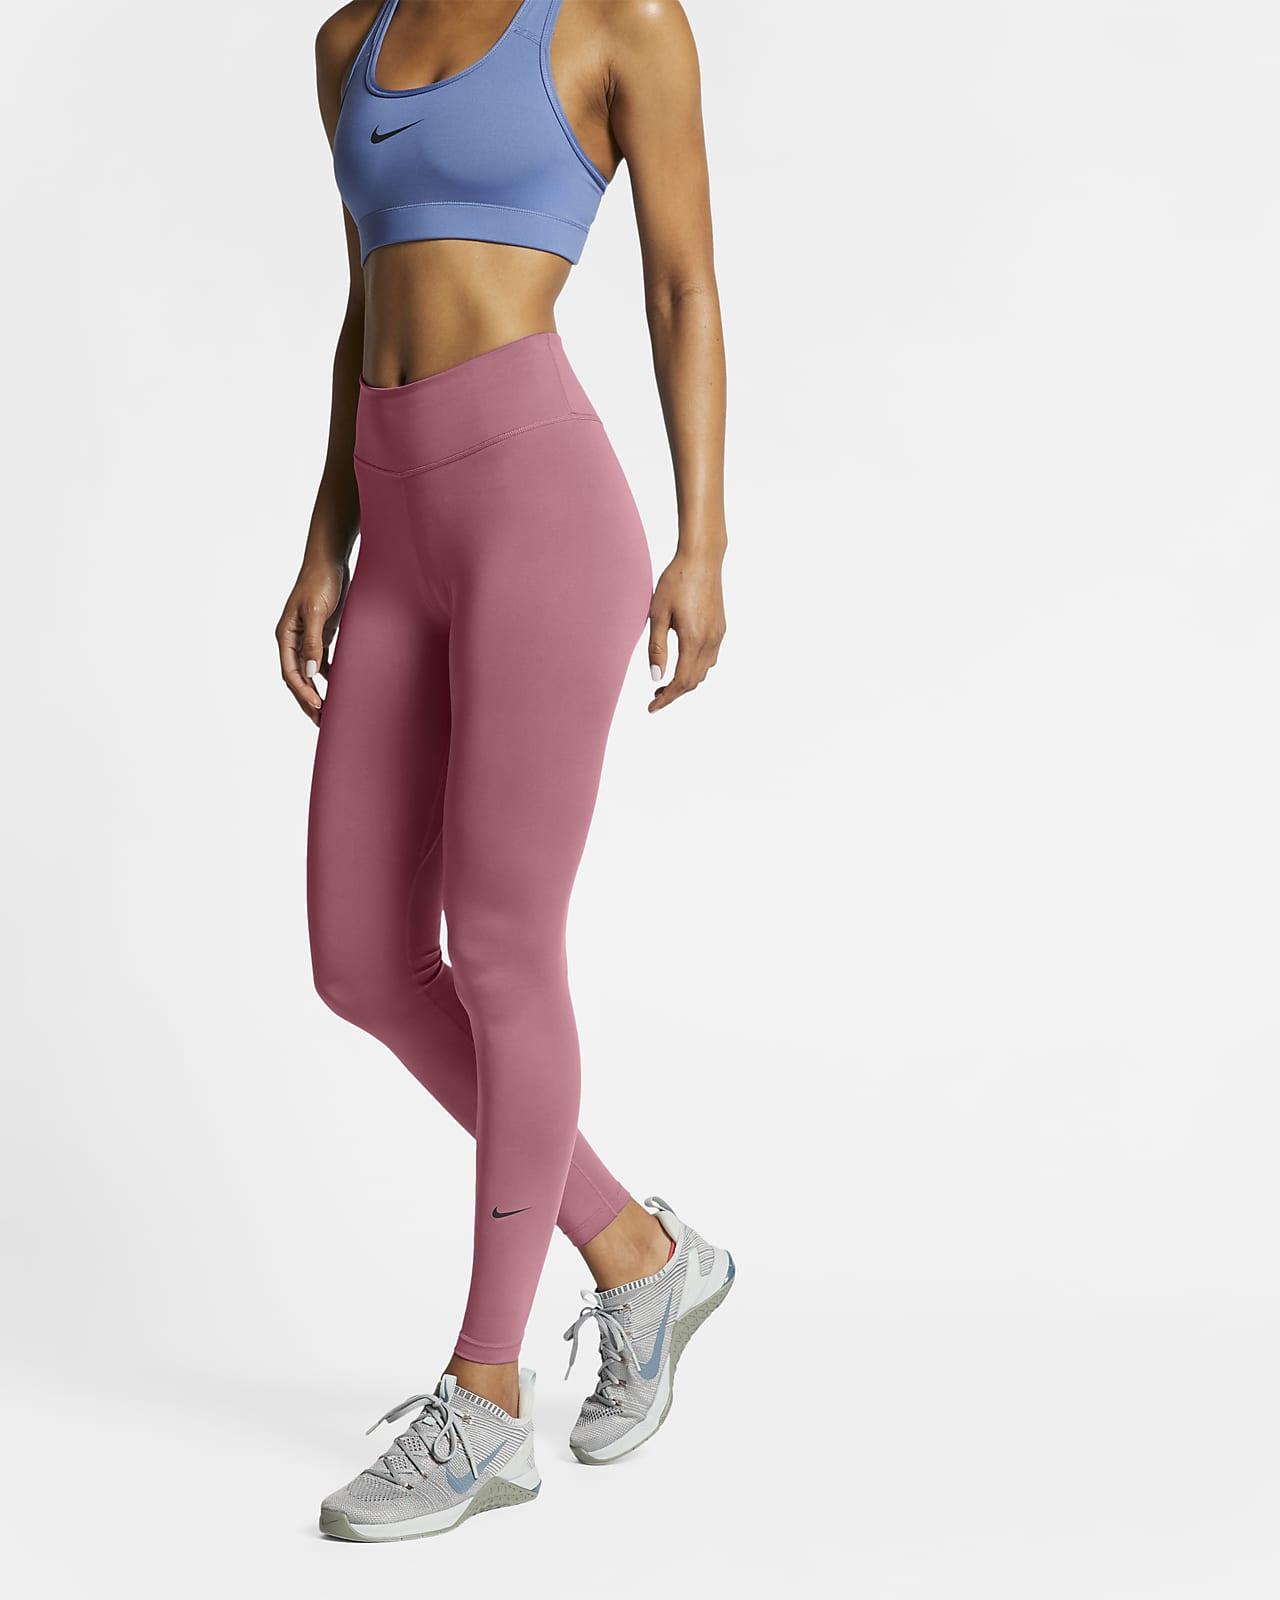 Женские тайтсы со средней посадкой Nike One